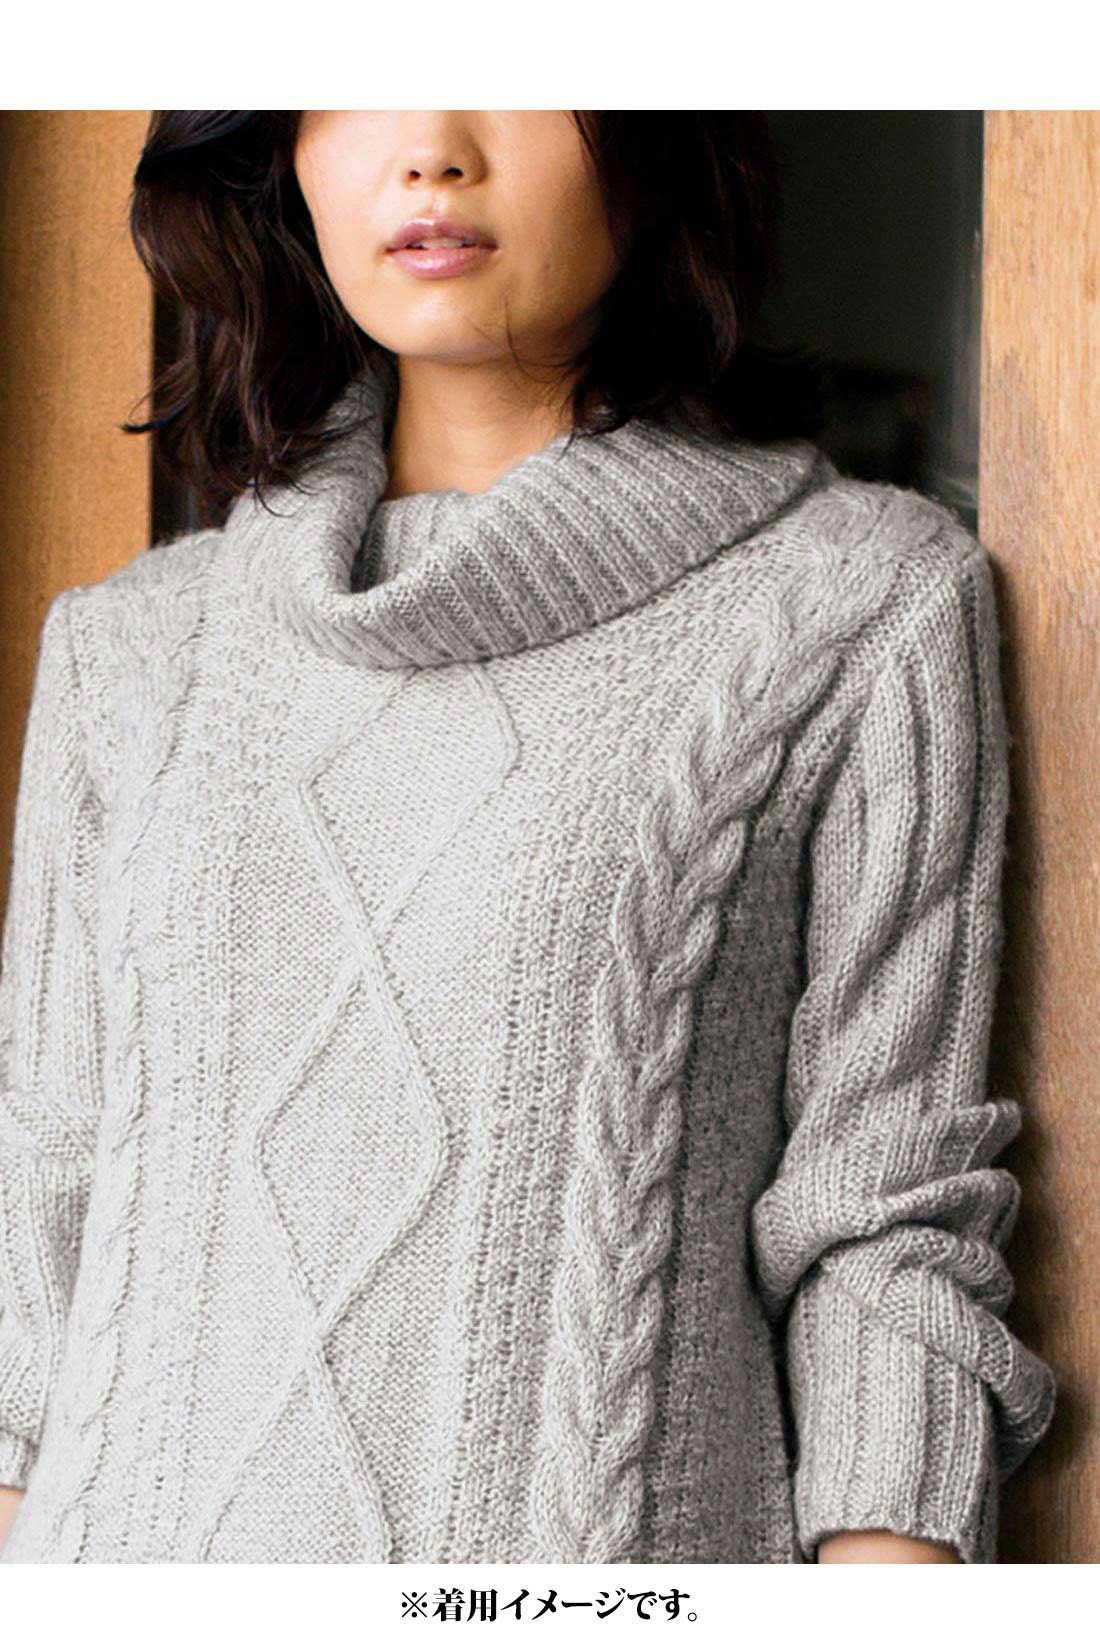 ケーブル編みの縦ライン効果ですっきり見え。 ※着用イメージです。お届けするカラーとは異なります。